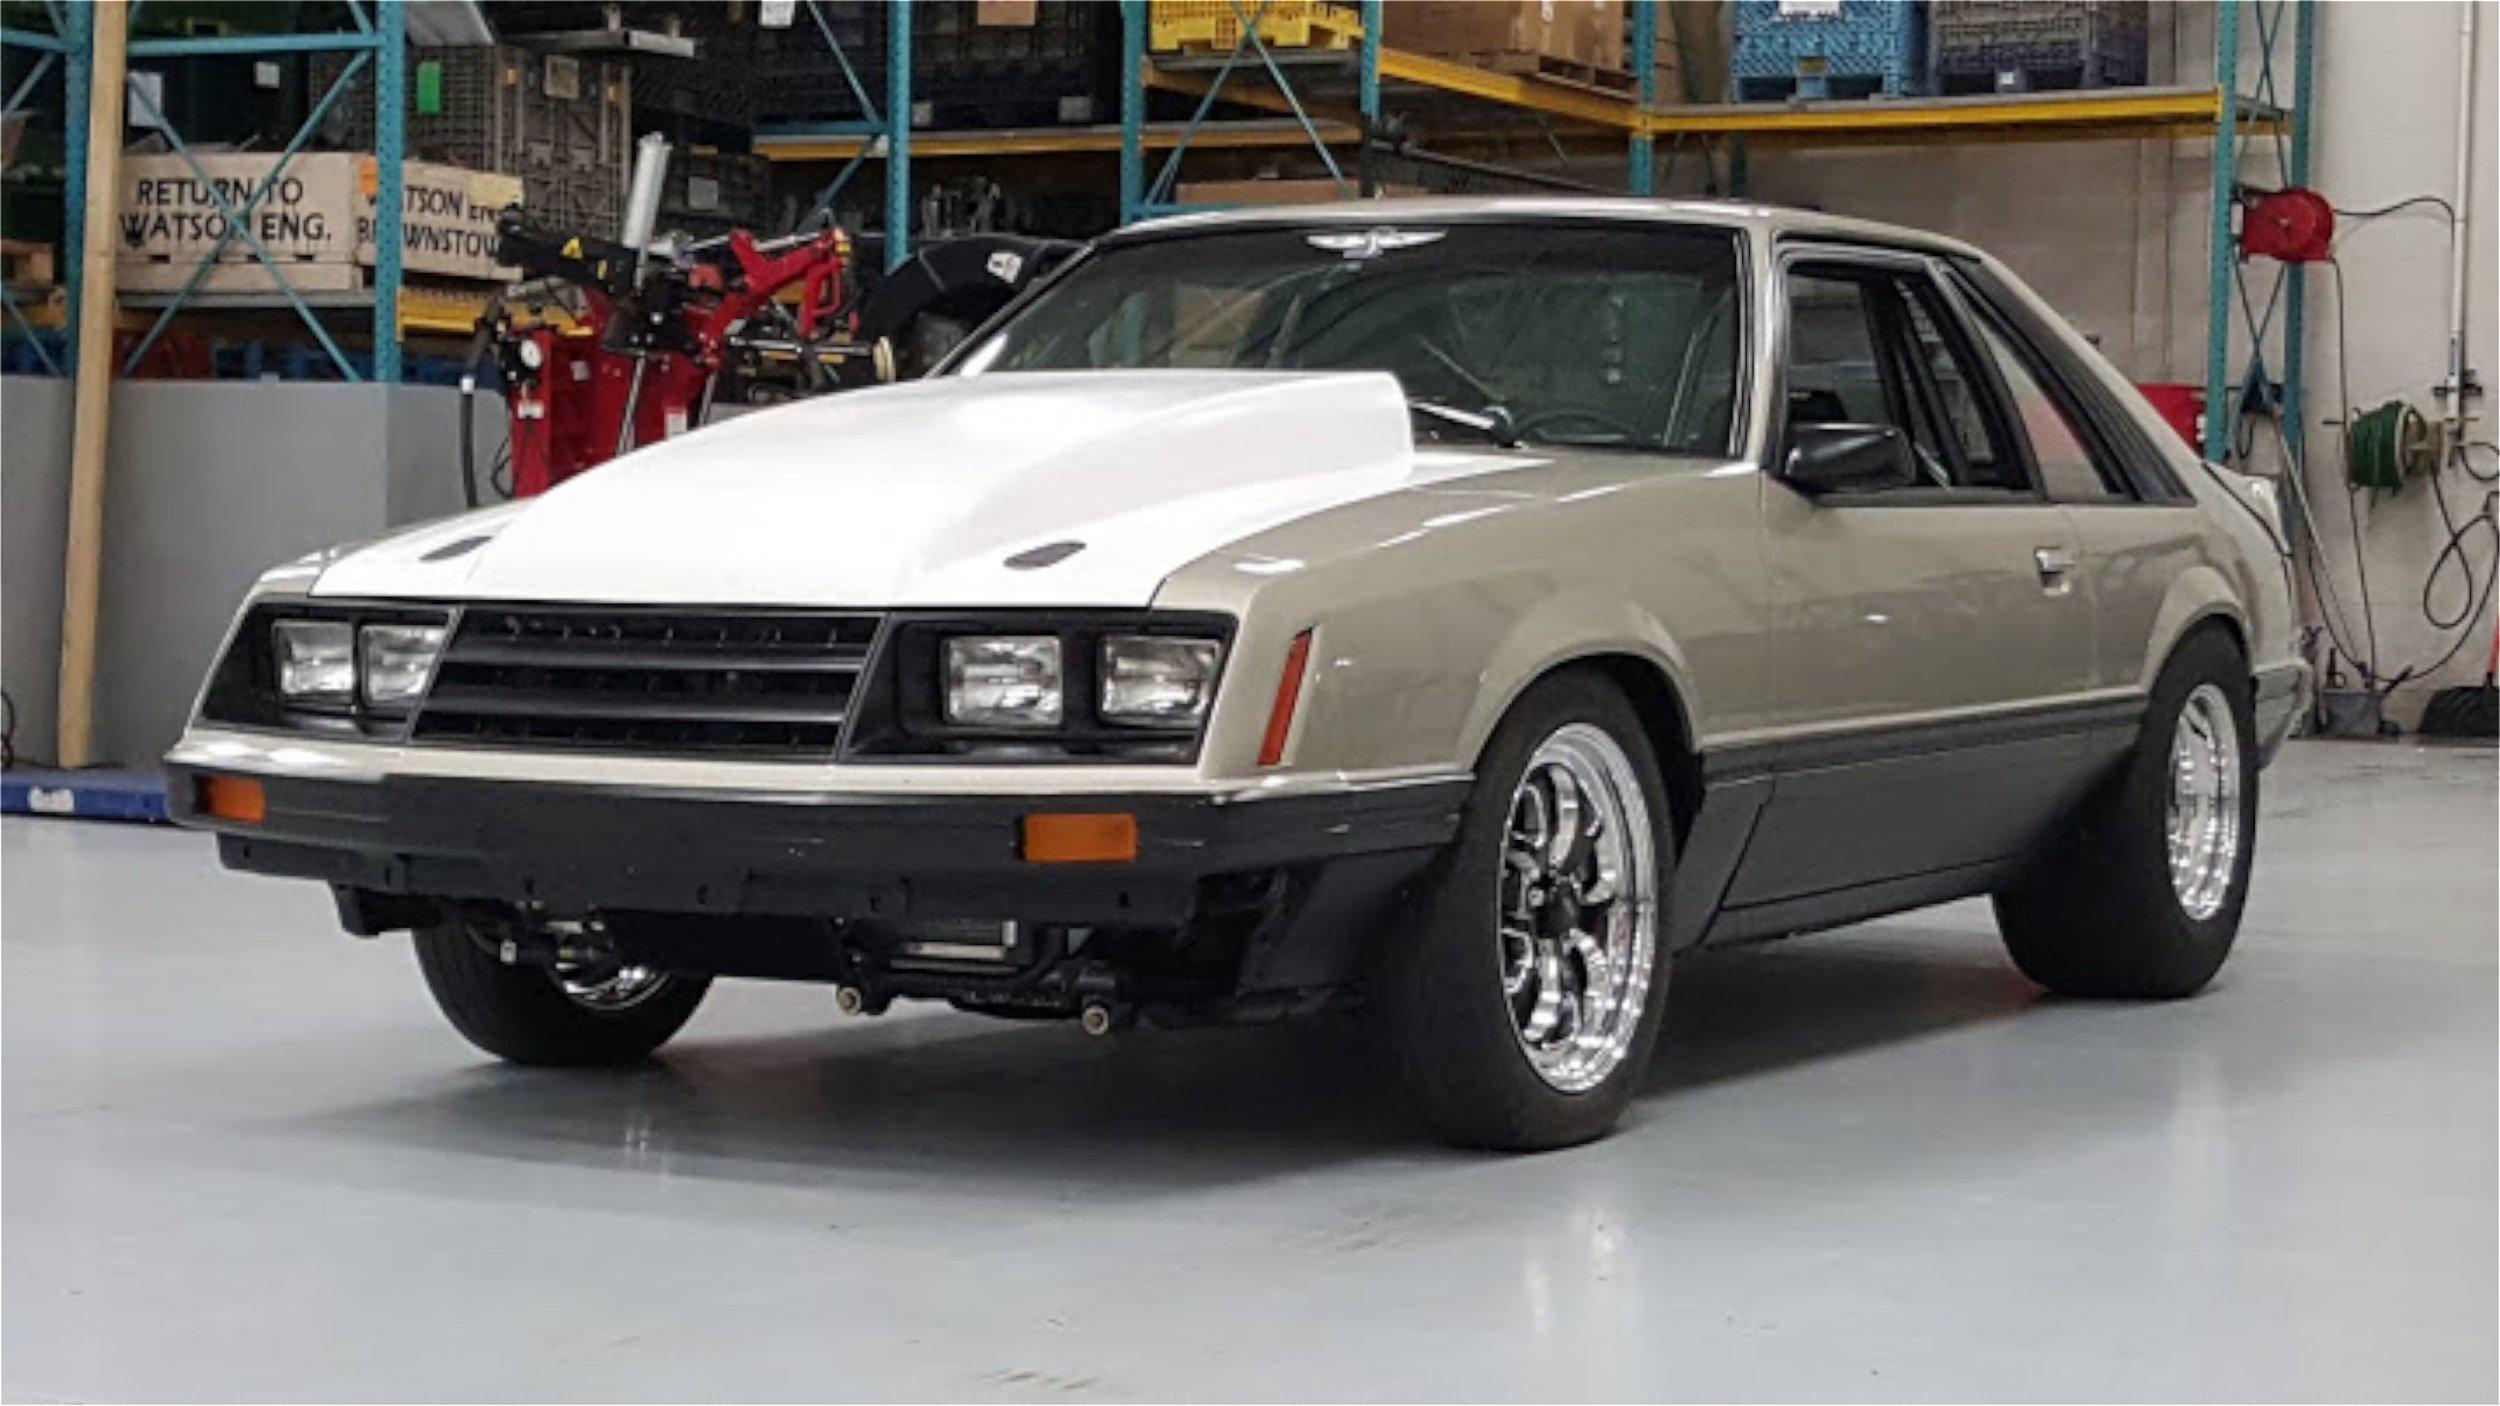 1979-ford-mustang-pace-car-cobra-jet-coyote-swap-david-benton.jpg